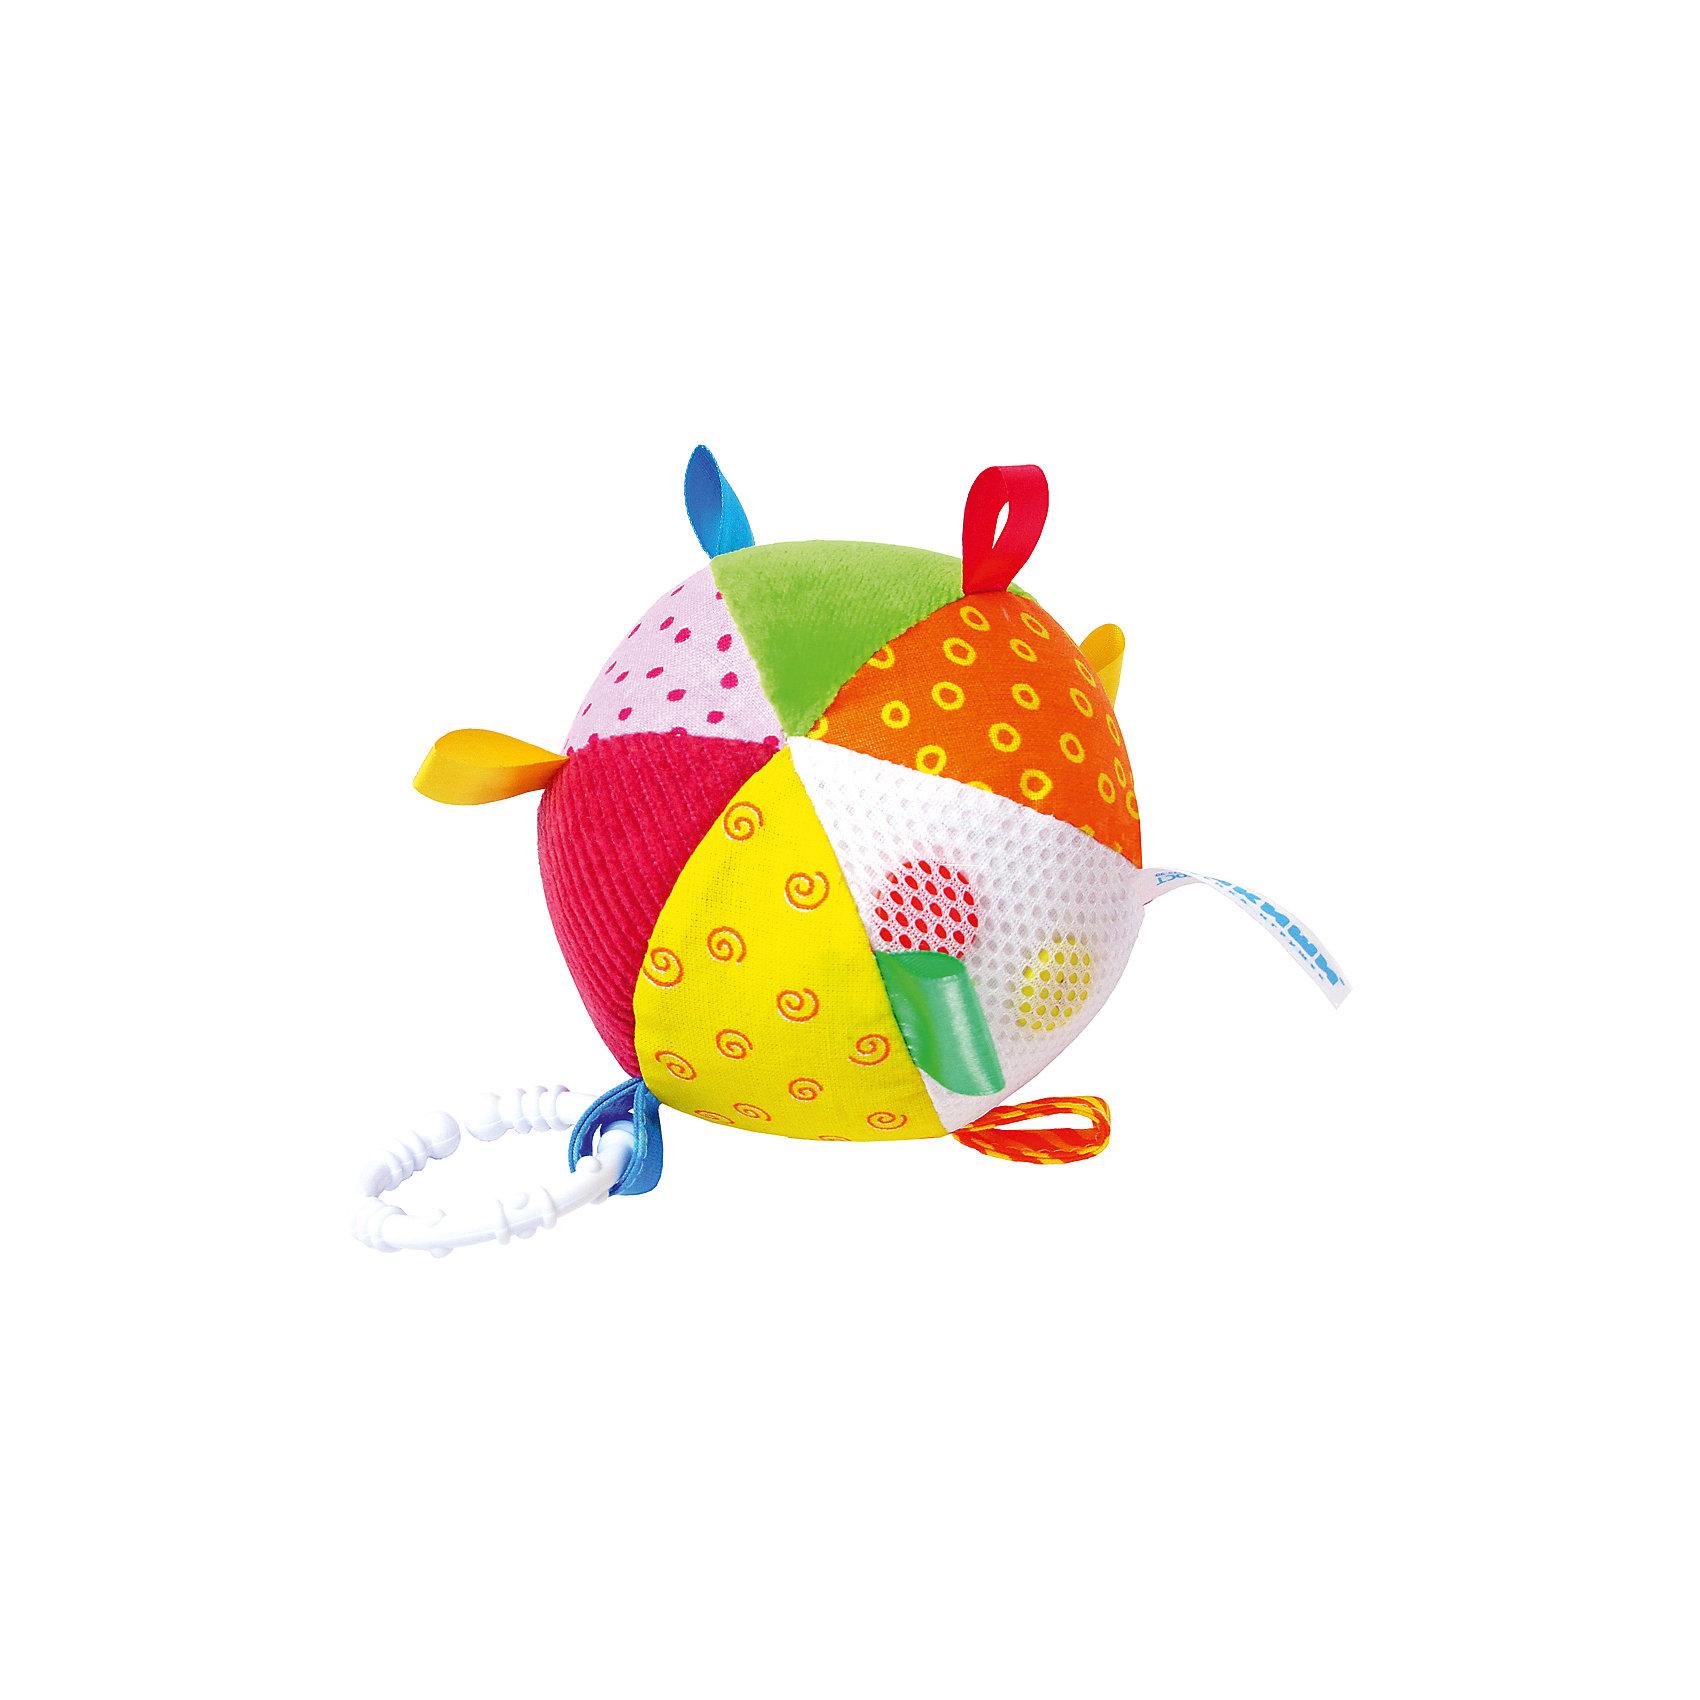 Мякиши Мячик с петельками, Мякиши в каком магазине в городе чебоксары можно купить игрушки для хомяка